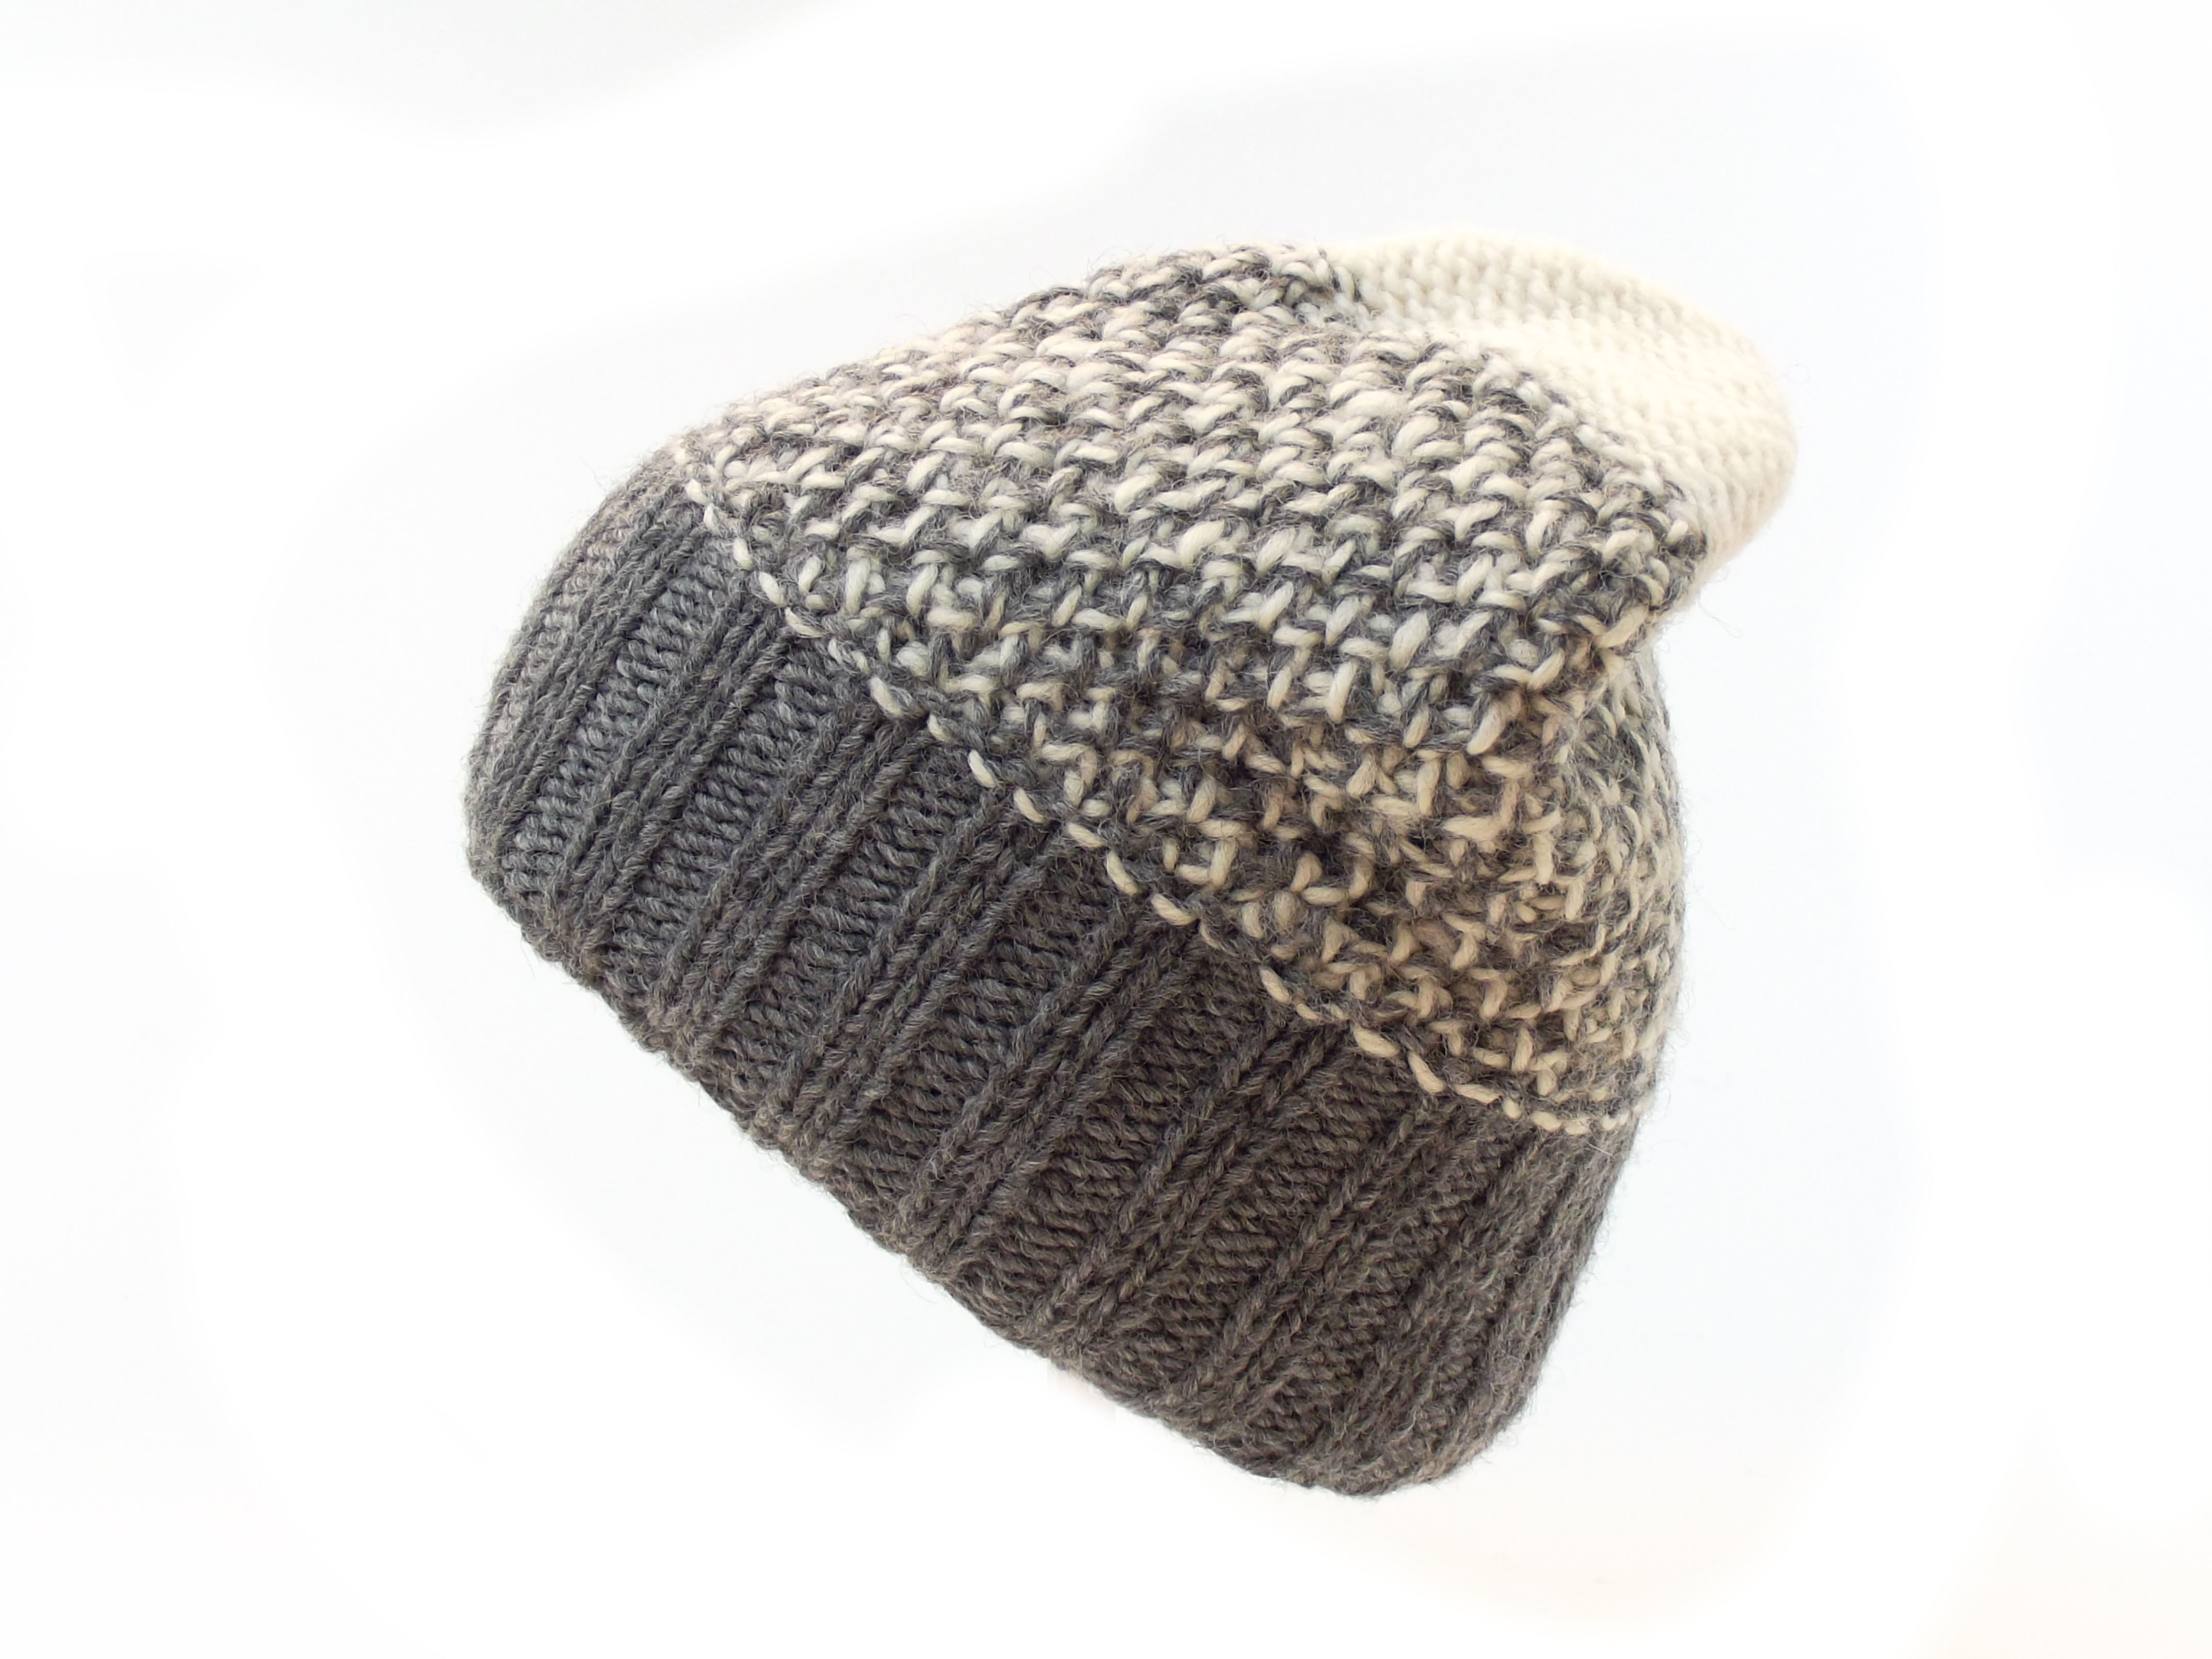 Tri Knit Wool Floppy Hat Grey 100% Wool